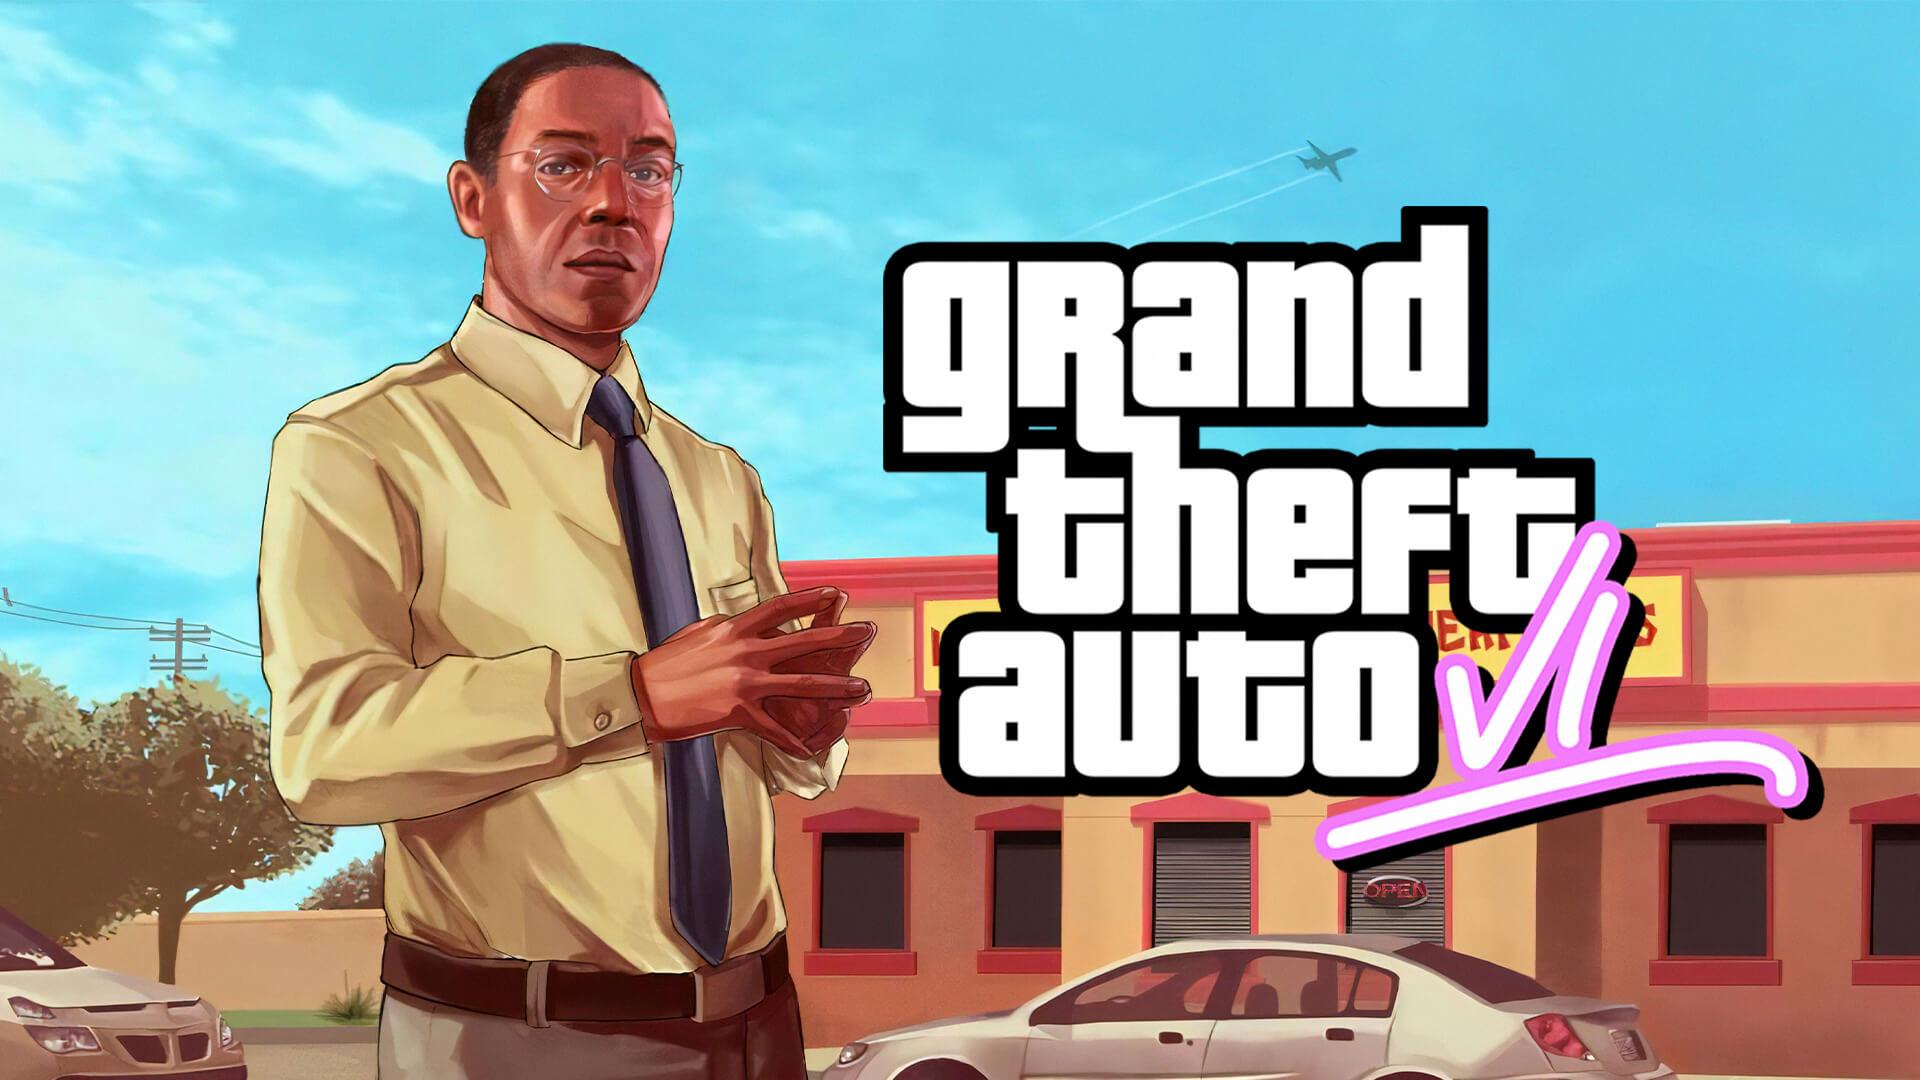 Apesar de não ser uma confirmação de GTA 6, esta é sem dúvida uma grande pista sobre o desenvolvimento de um jogo novo na Rockstar Games.